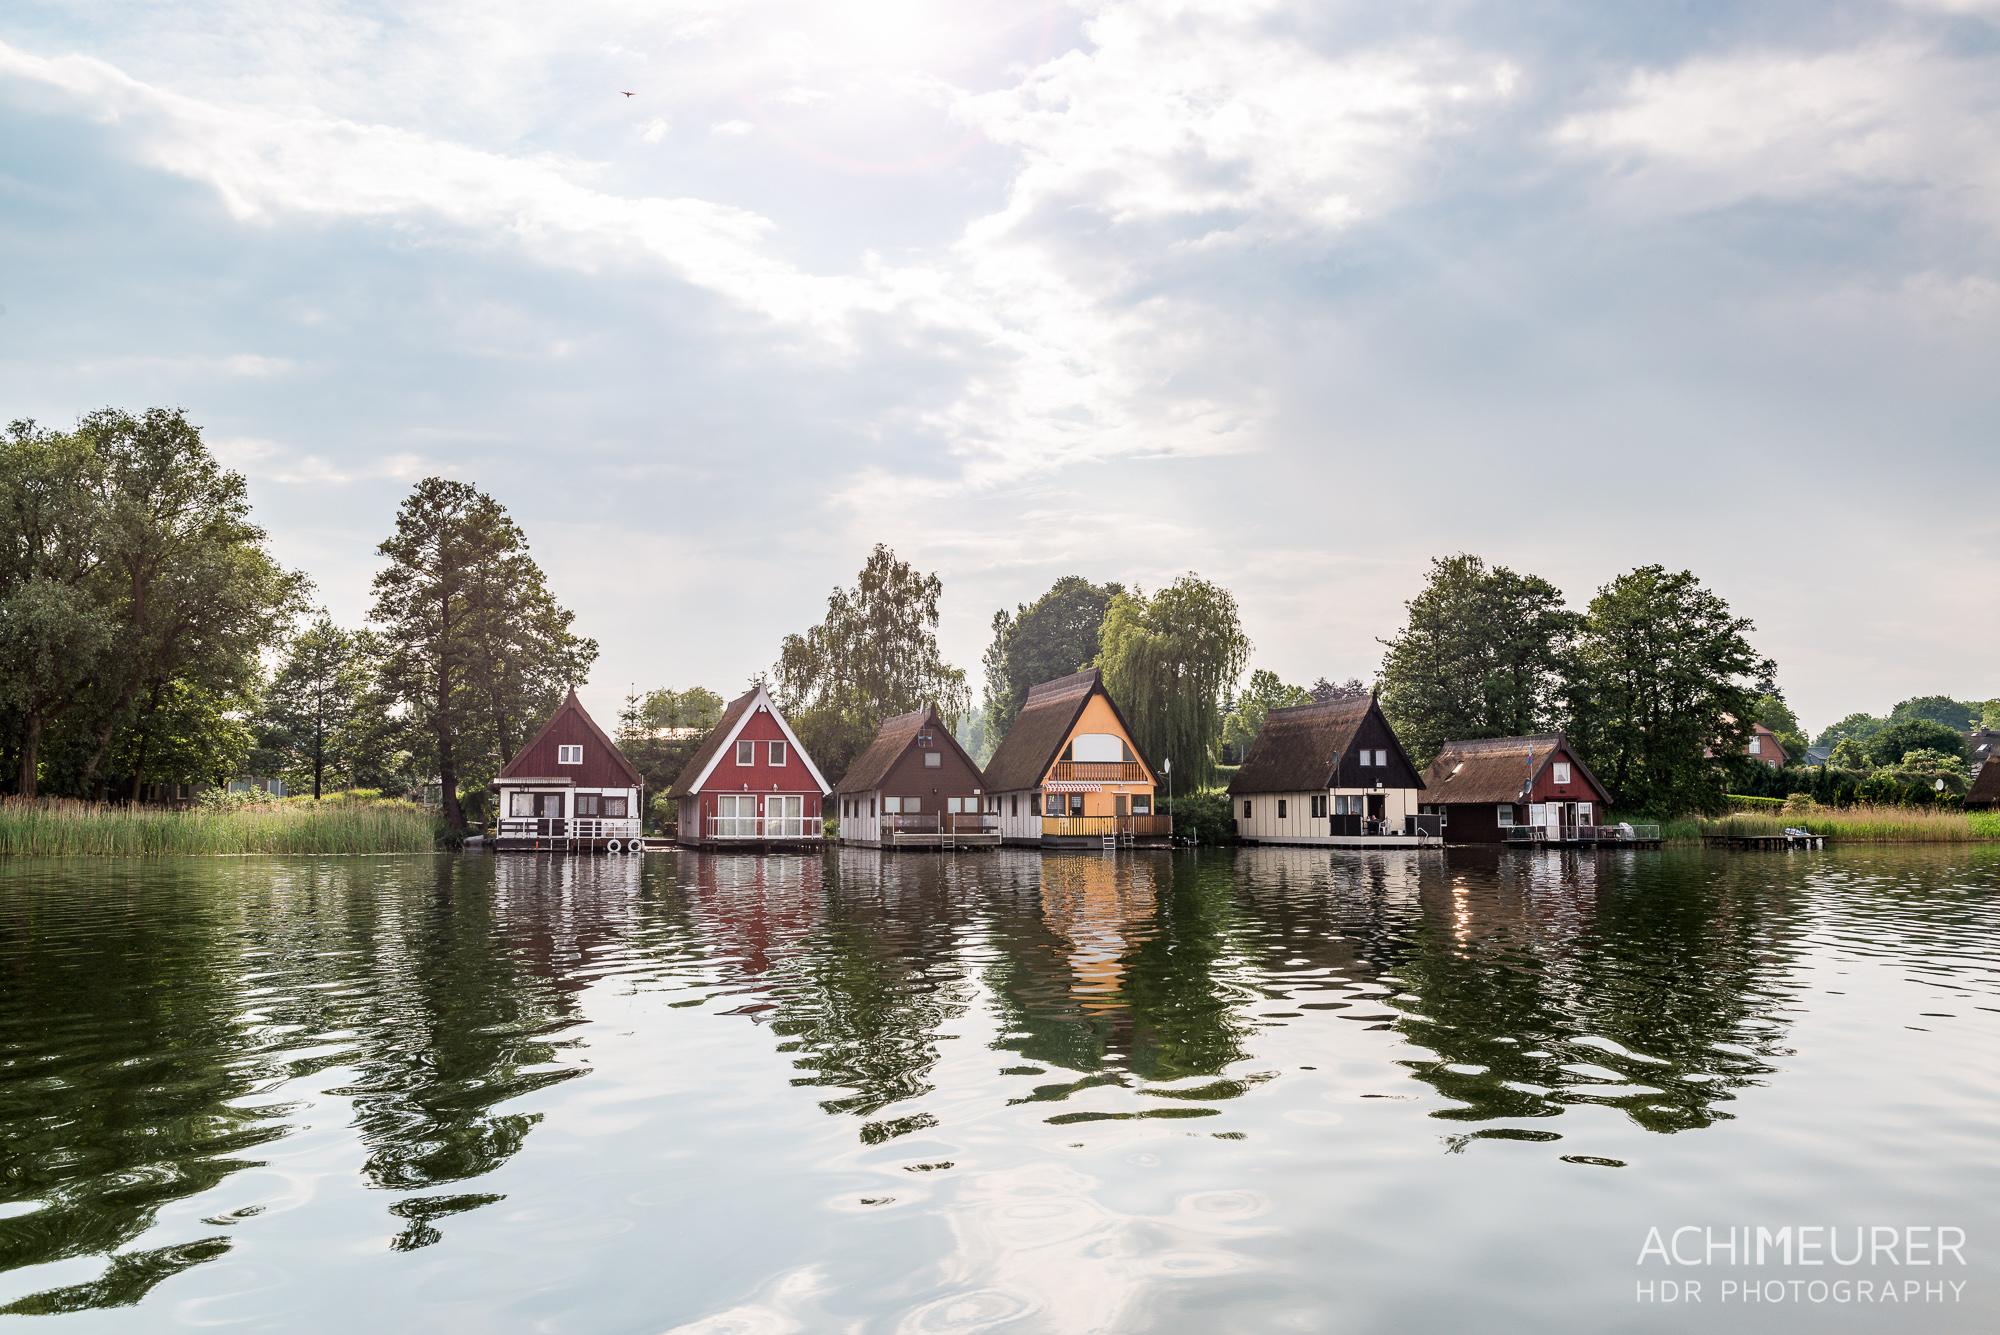 Hausboot-Kuhnle-Mueritz-Mecklenburg-Vorpommern-See_2623-Bearbeitet